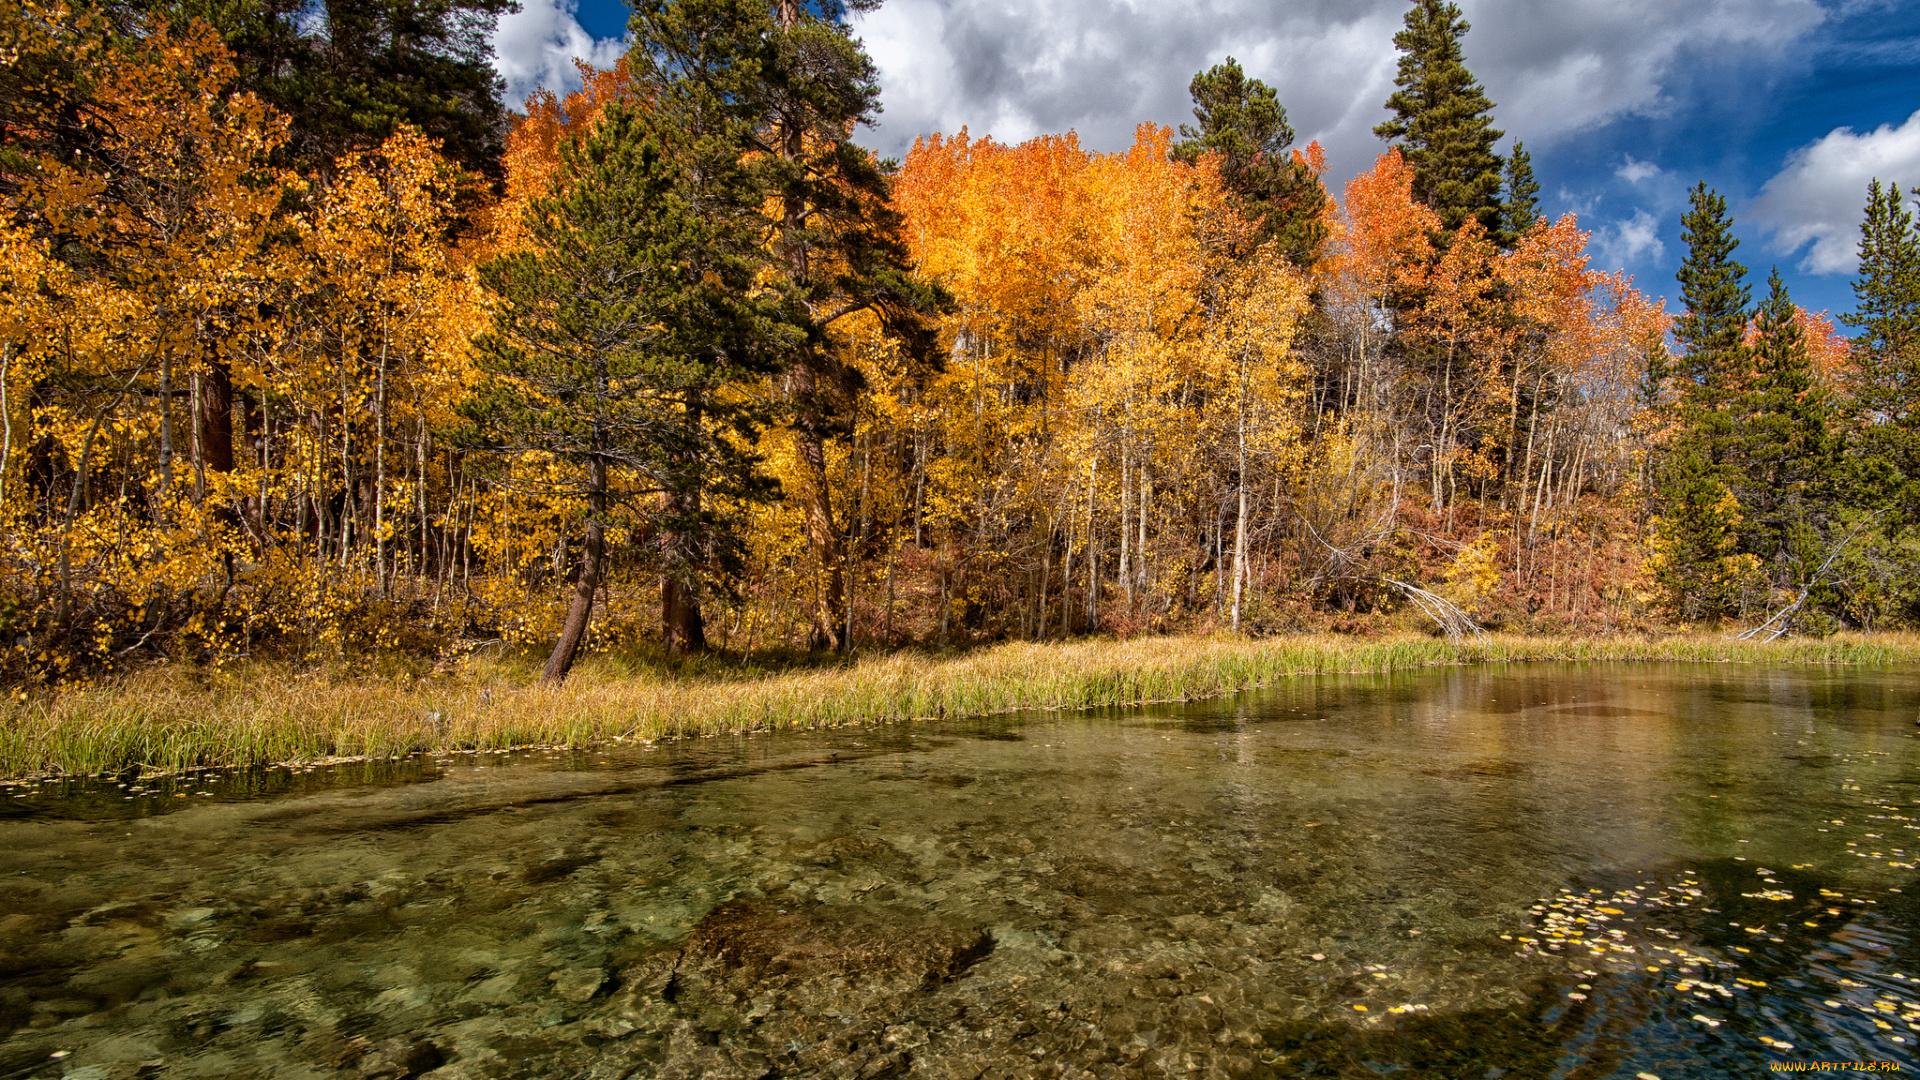 груша скороспелка фото природа осеннего леса извлечь